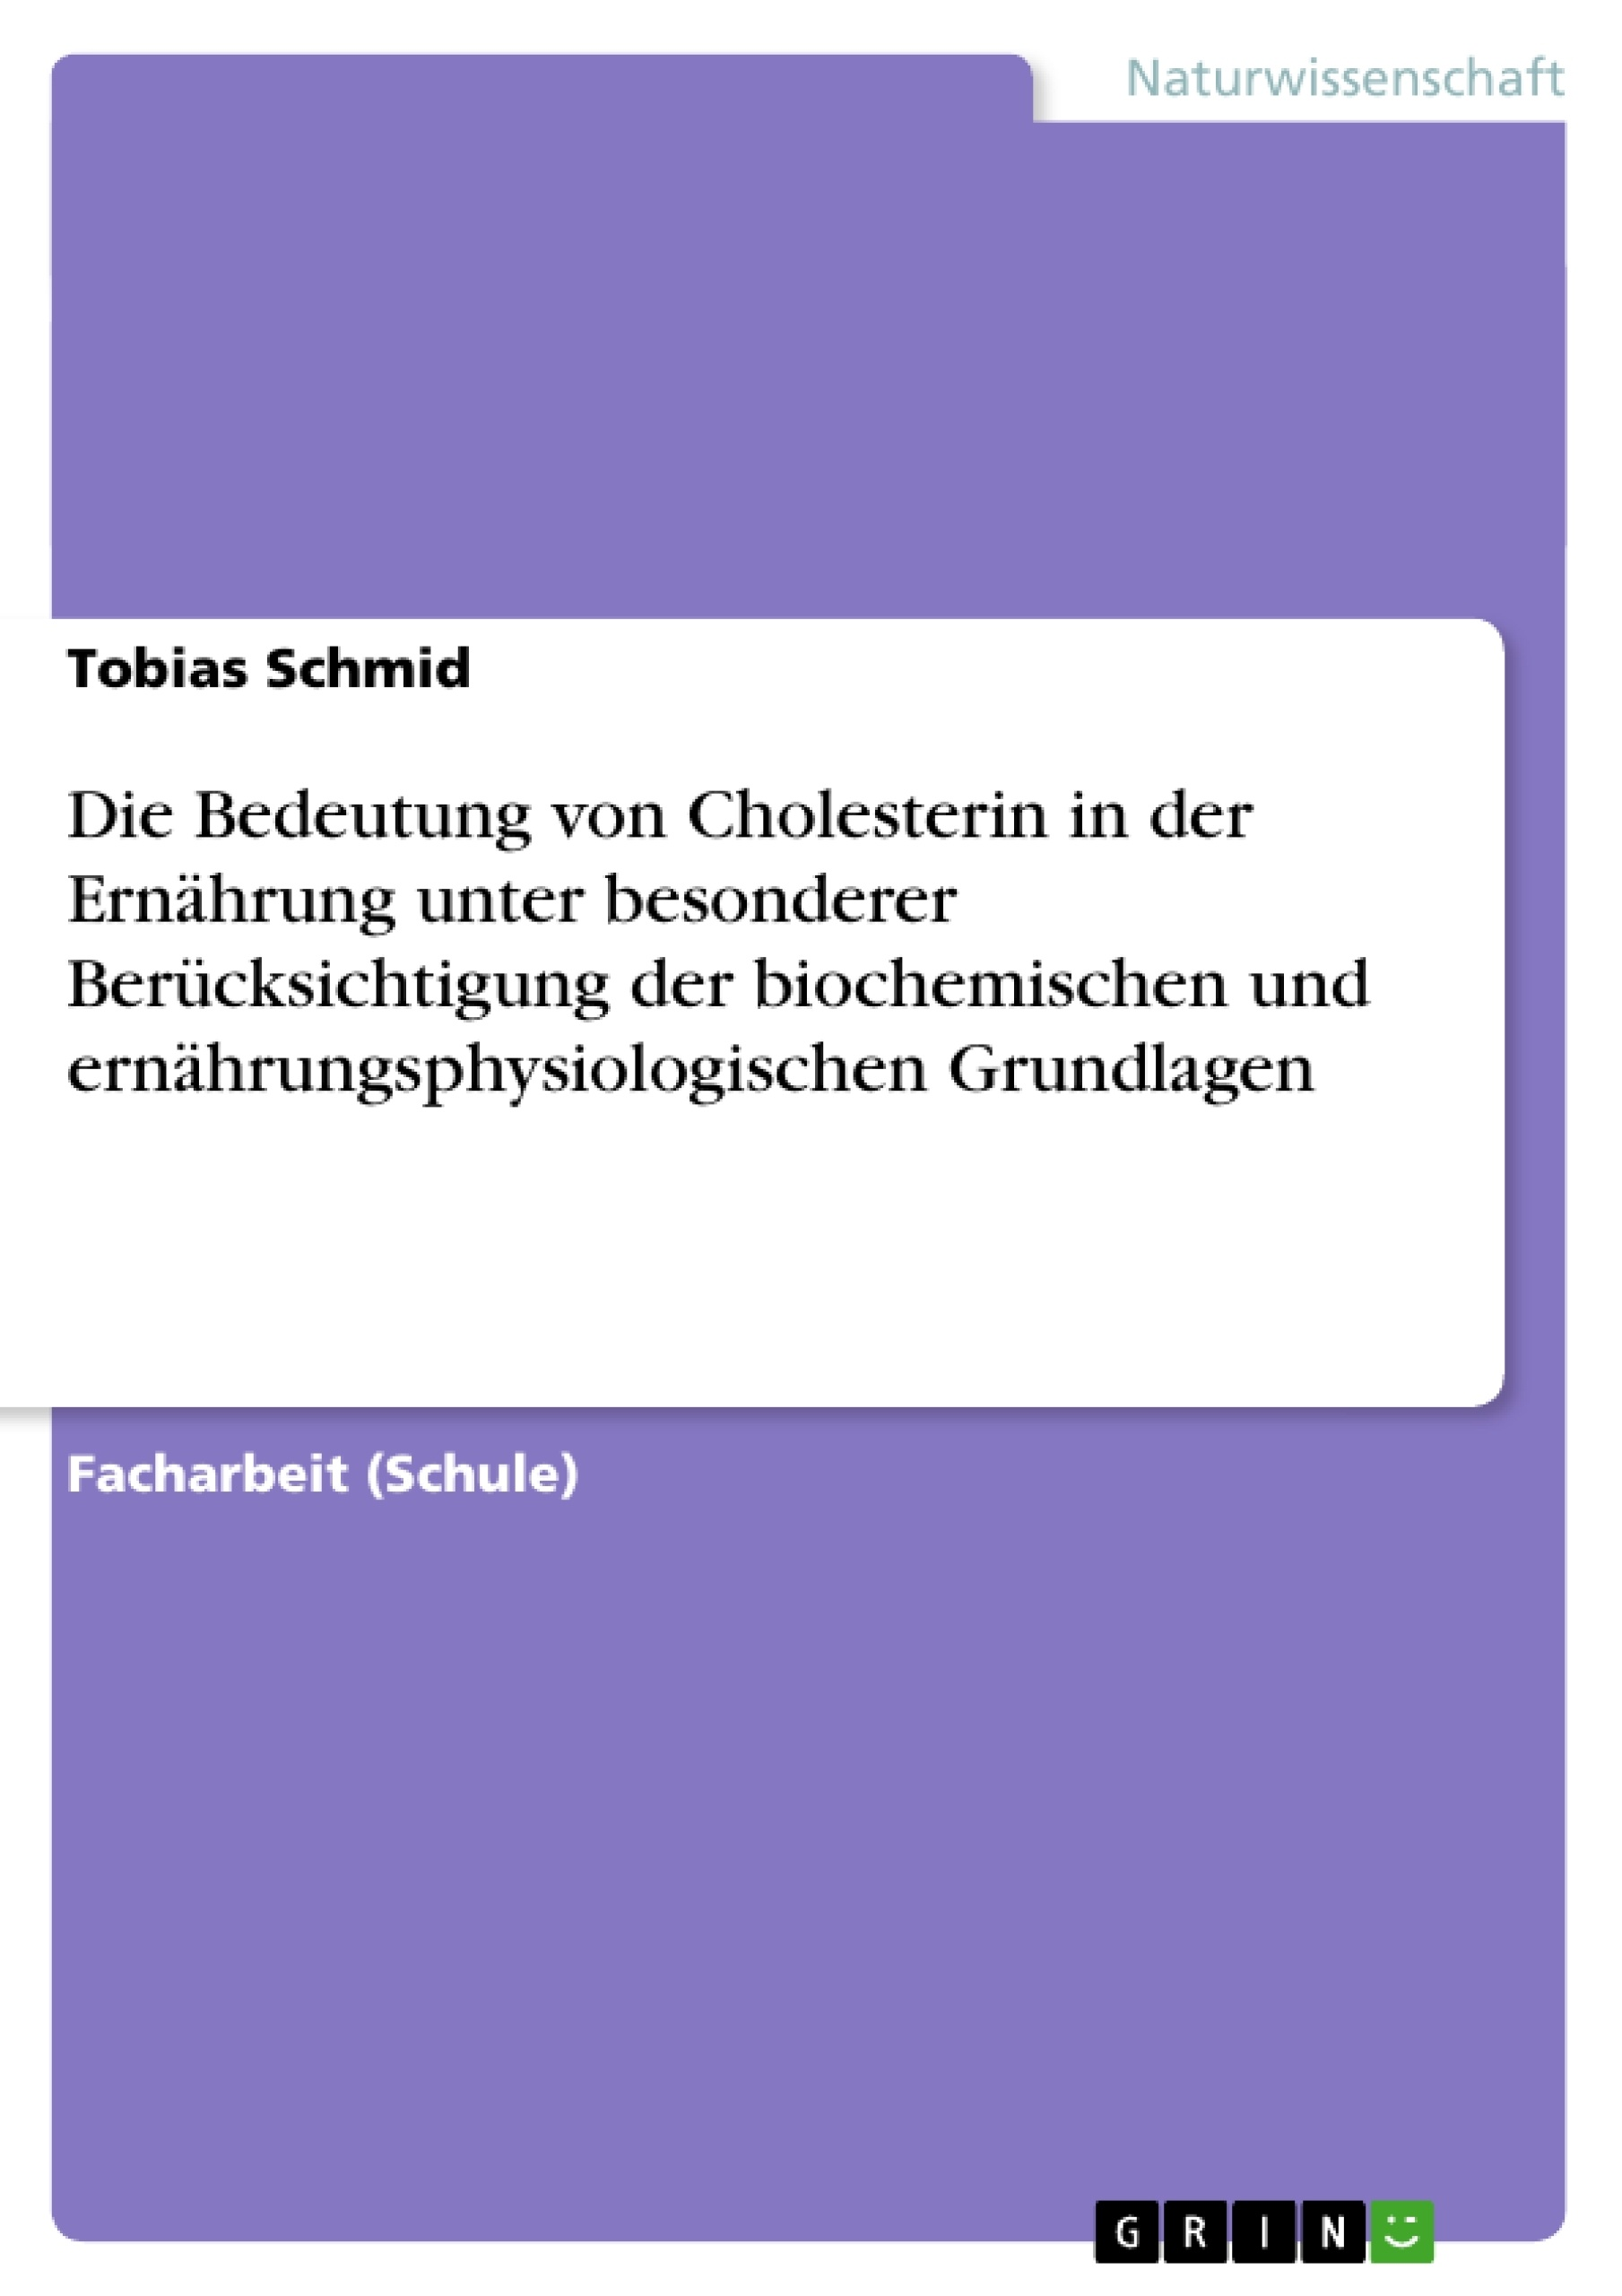 Titel: Die Bedeutung von Cholesterin in der Ernährung unter besonderer Berücksichtigung der biochemischen und ernährungsphysiologischen Grundlagen